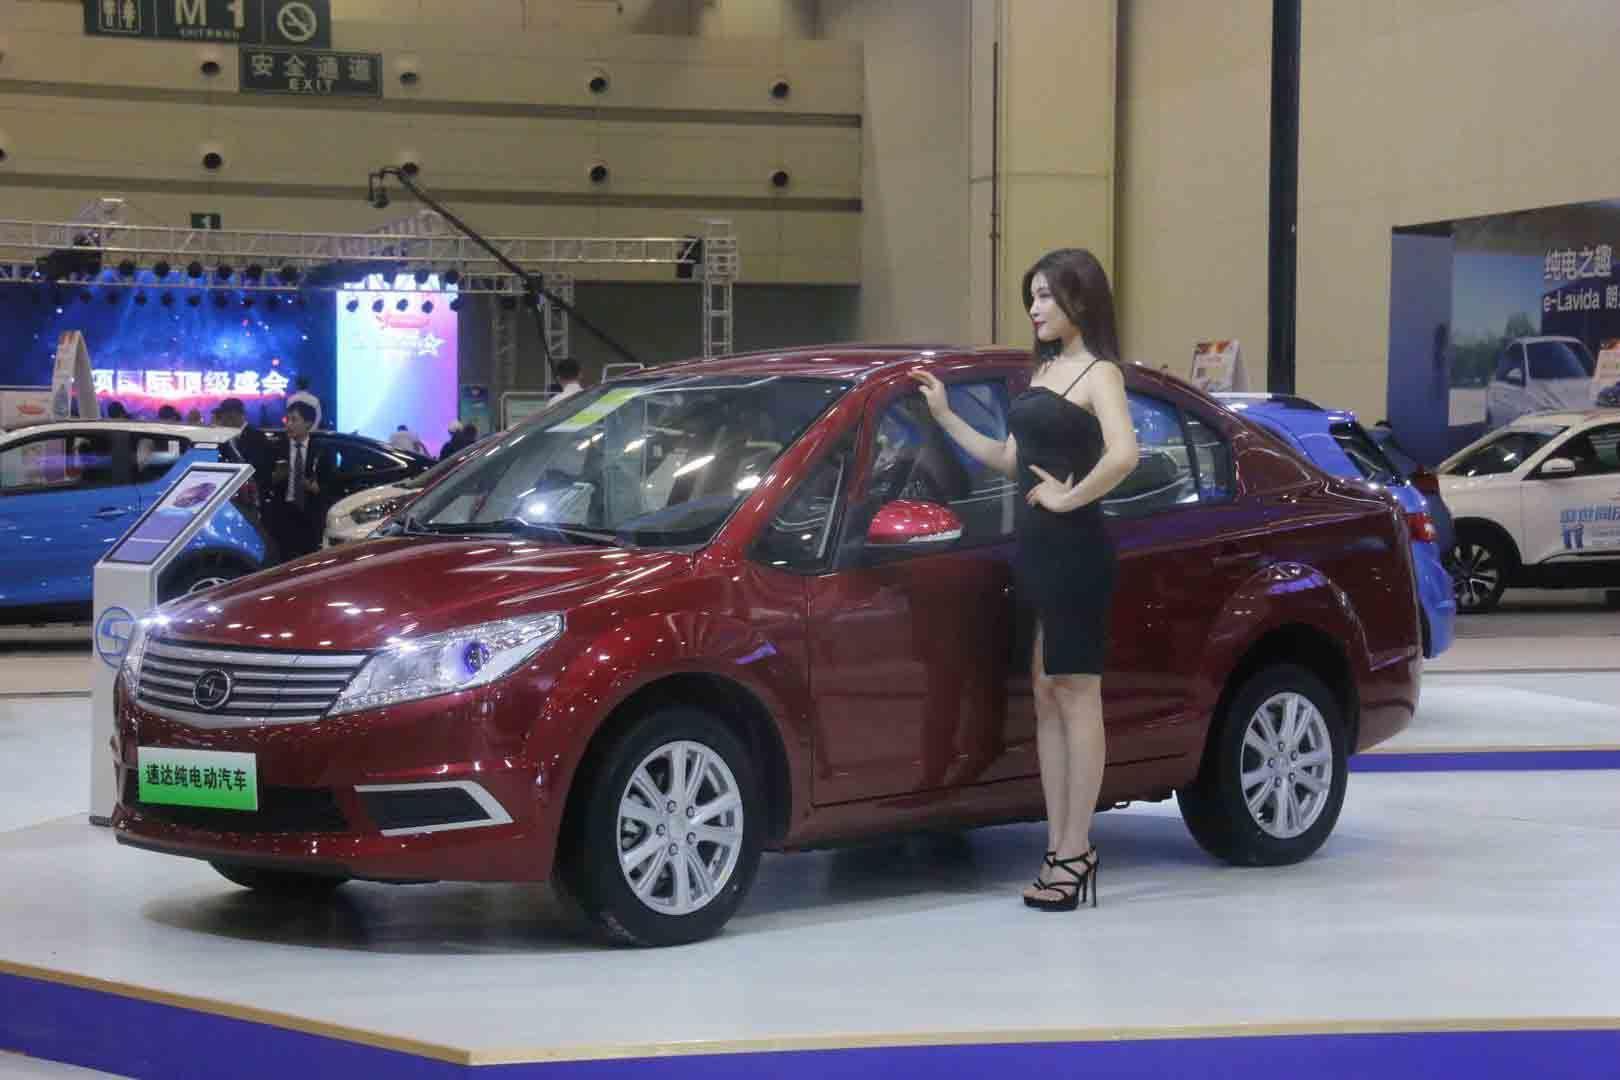 Sehr günstiges vollwertiges Elektroauto aus China im Direktvertrieb - Suda SA01 / SD01